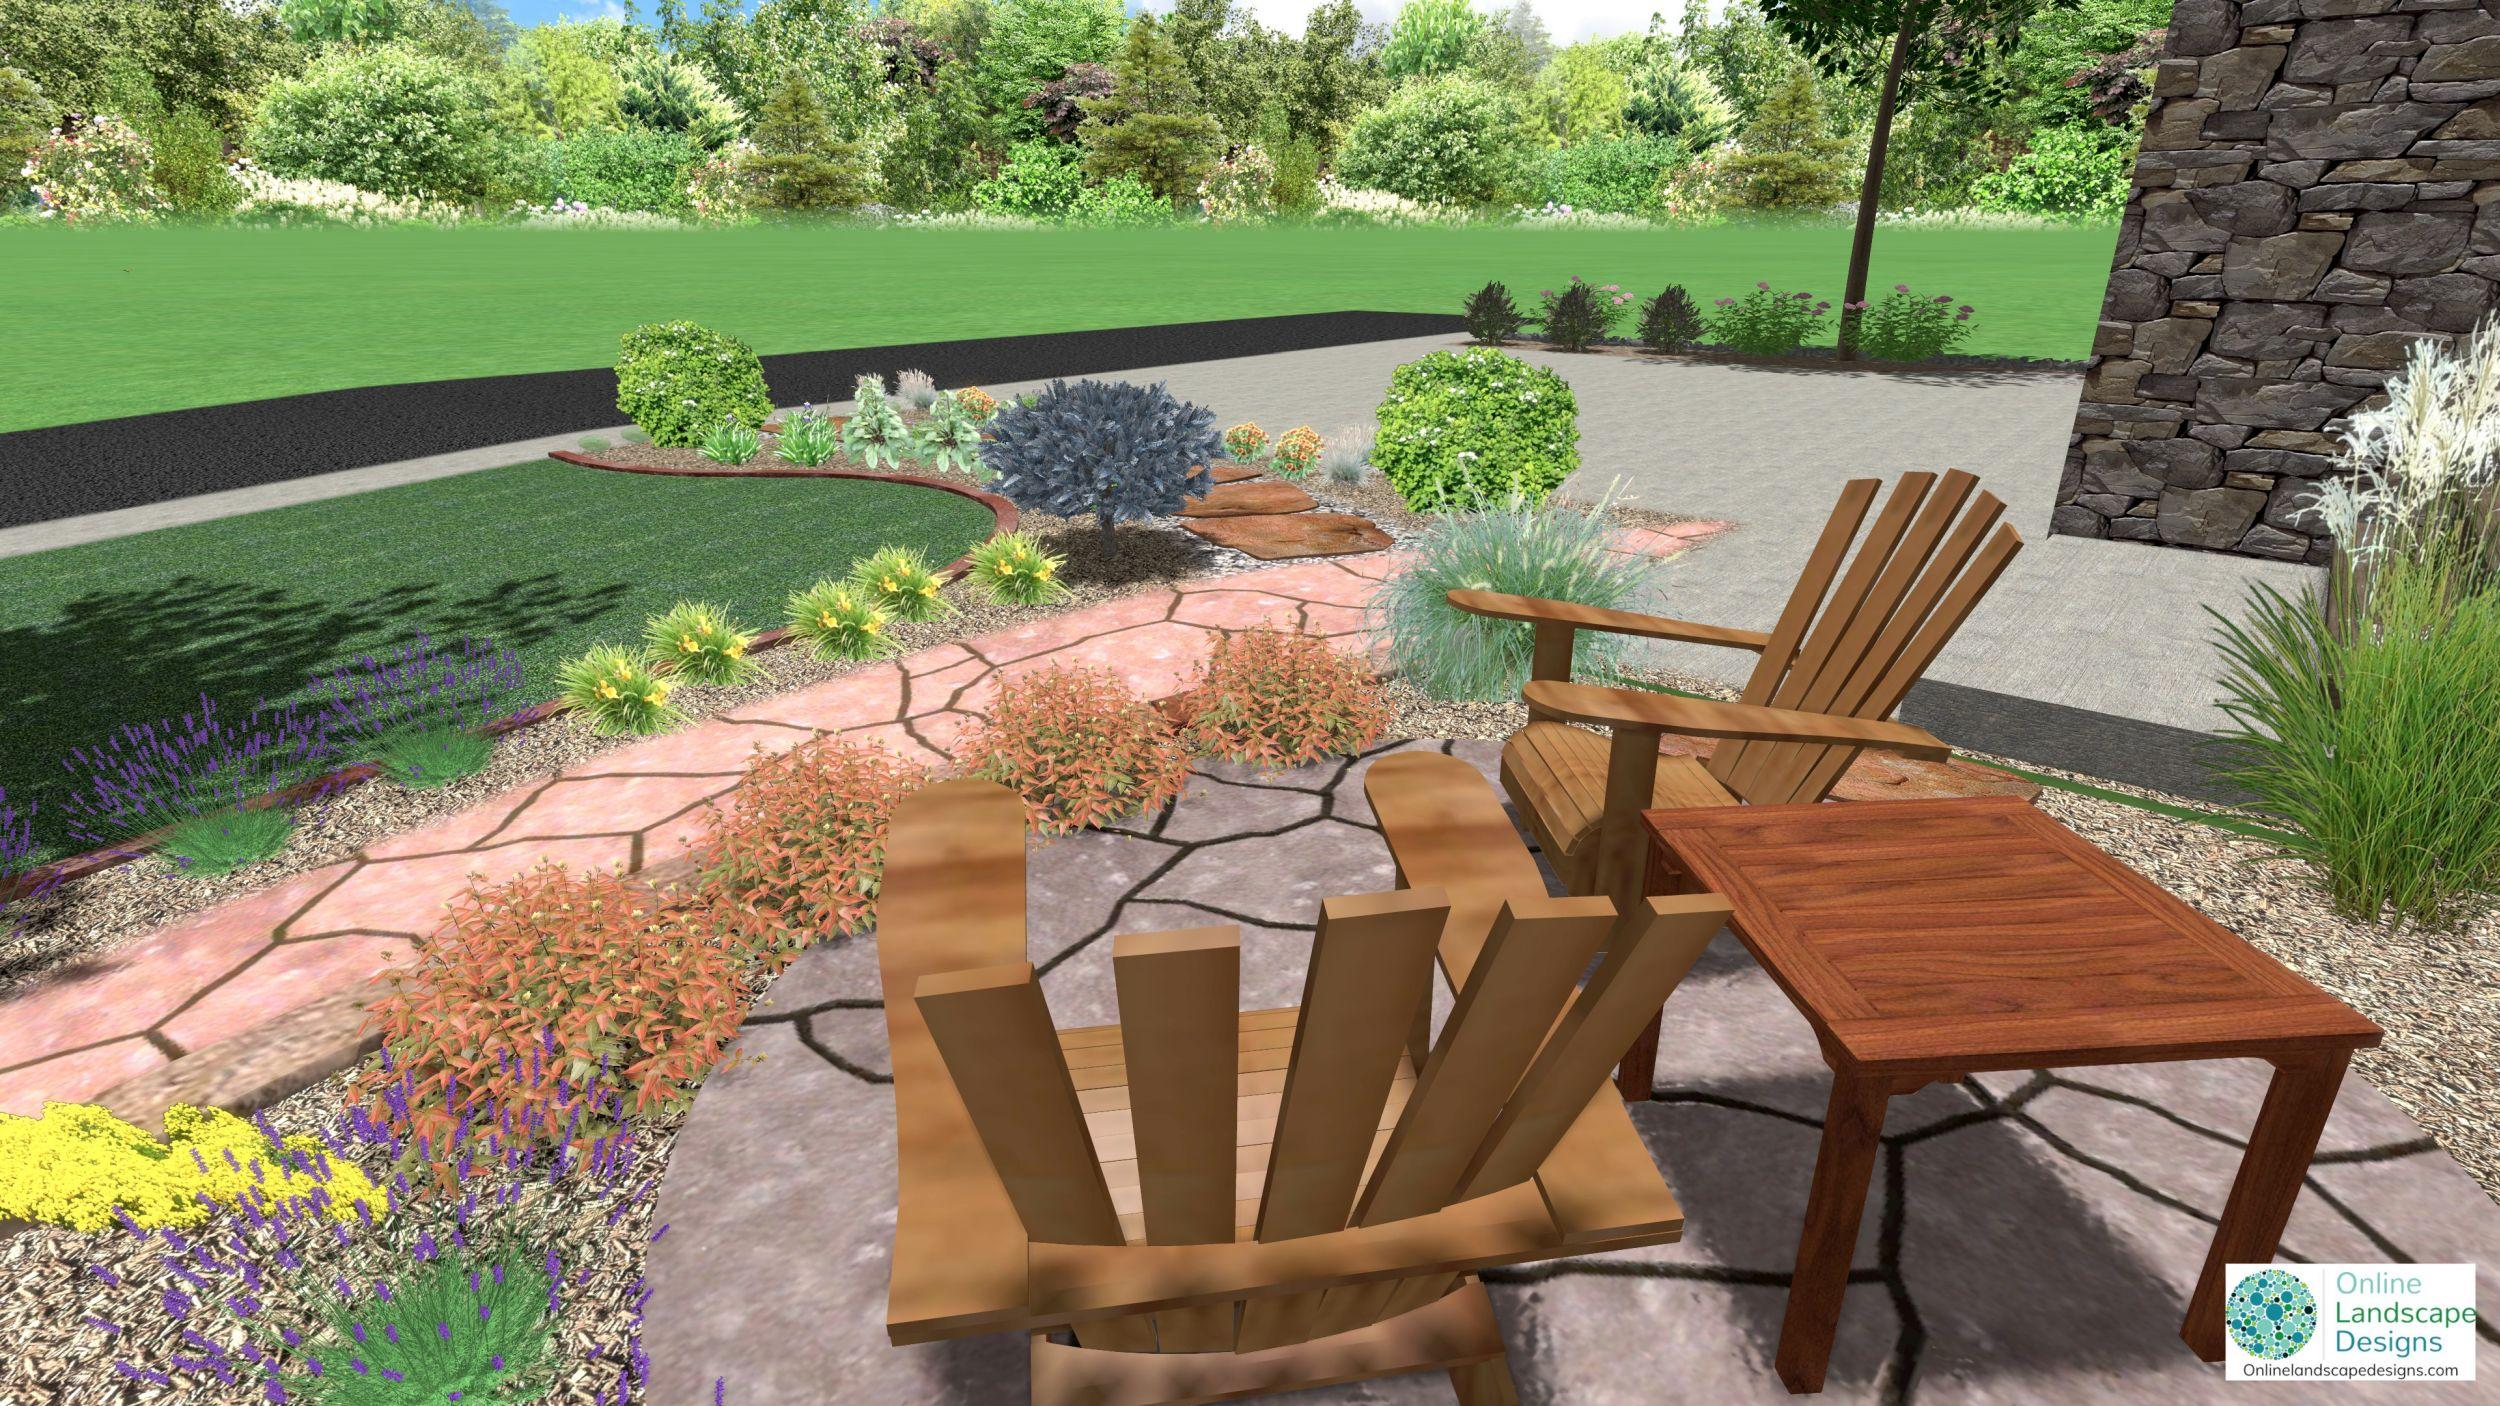 online landscape designs 2d and 3d